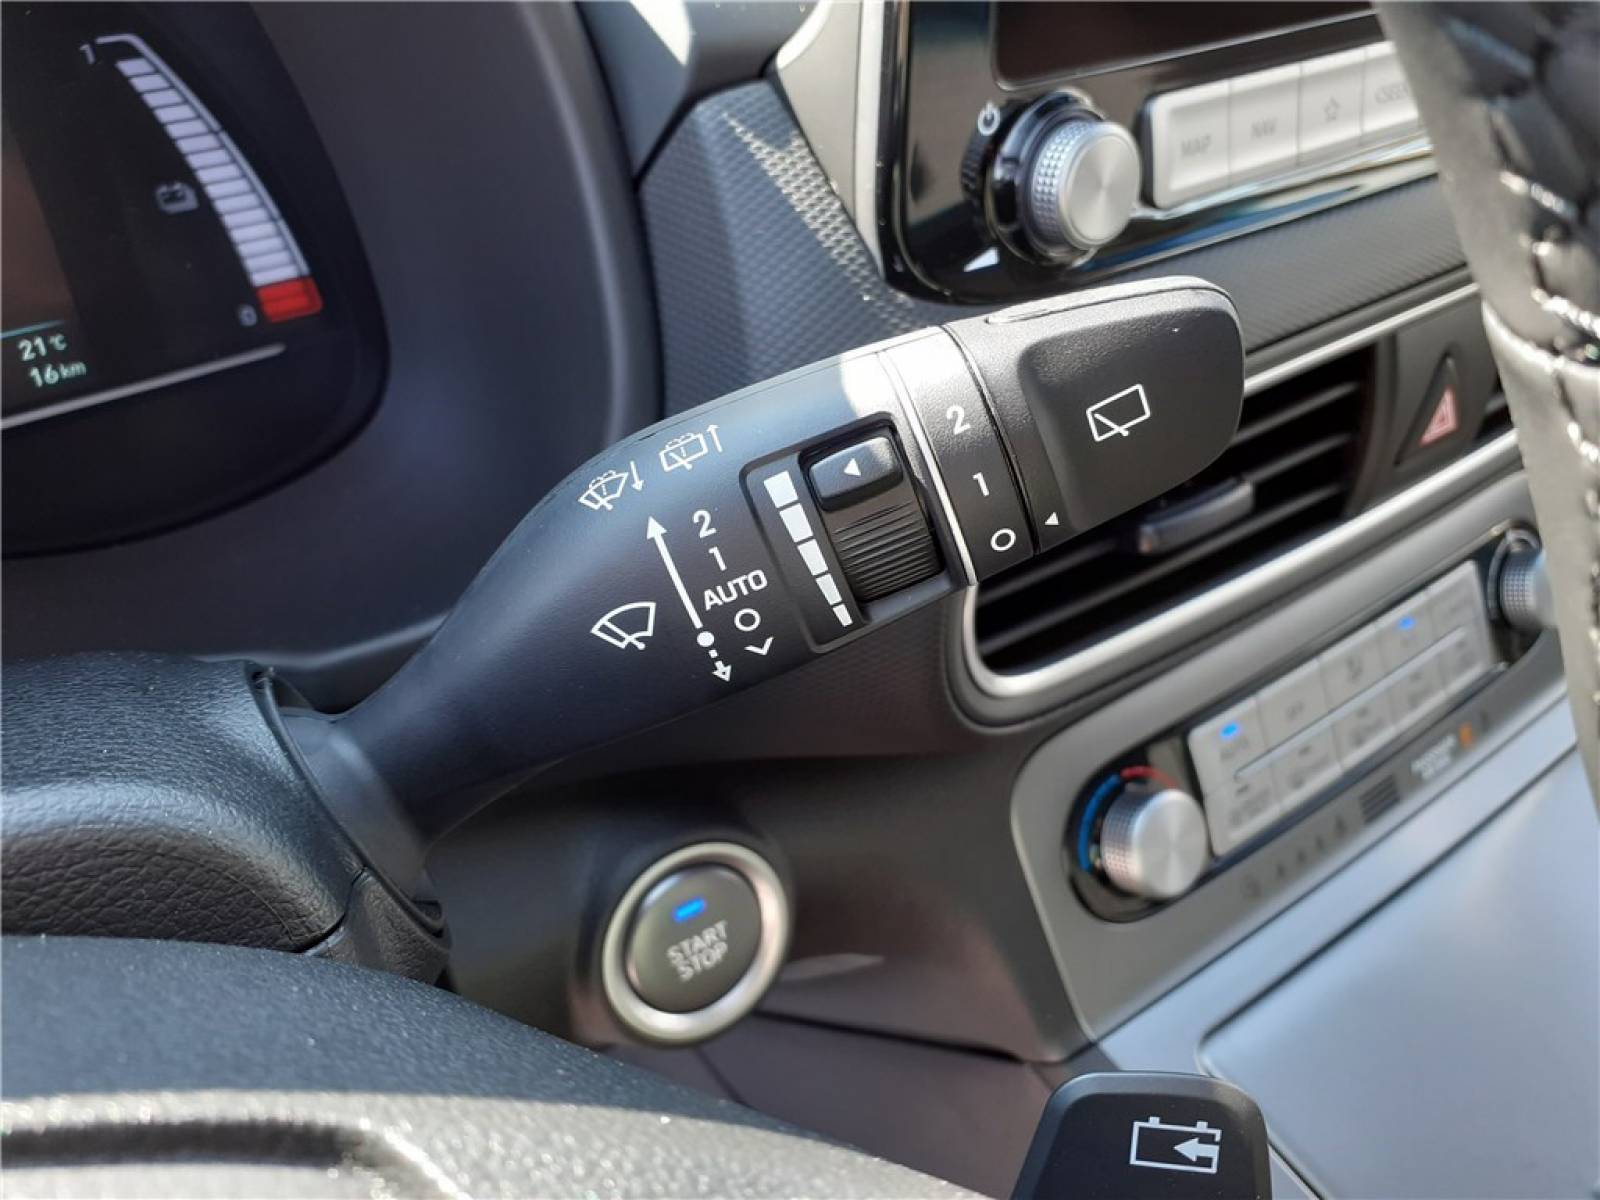 HYUNDAI Kona Electrique 39 kWh - 136 ch - véhicule d'occasion - Groupe Guillet - Chalon Automobiles - 71100 - Chalon-sur-Saône - 20